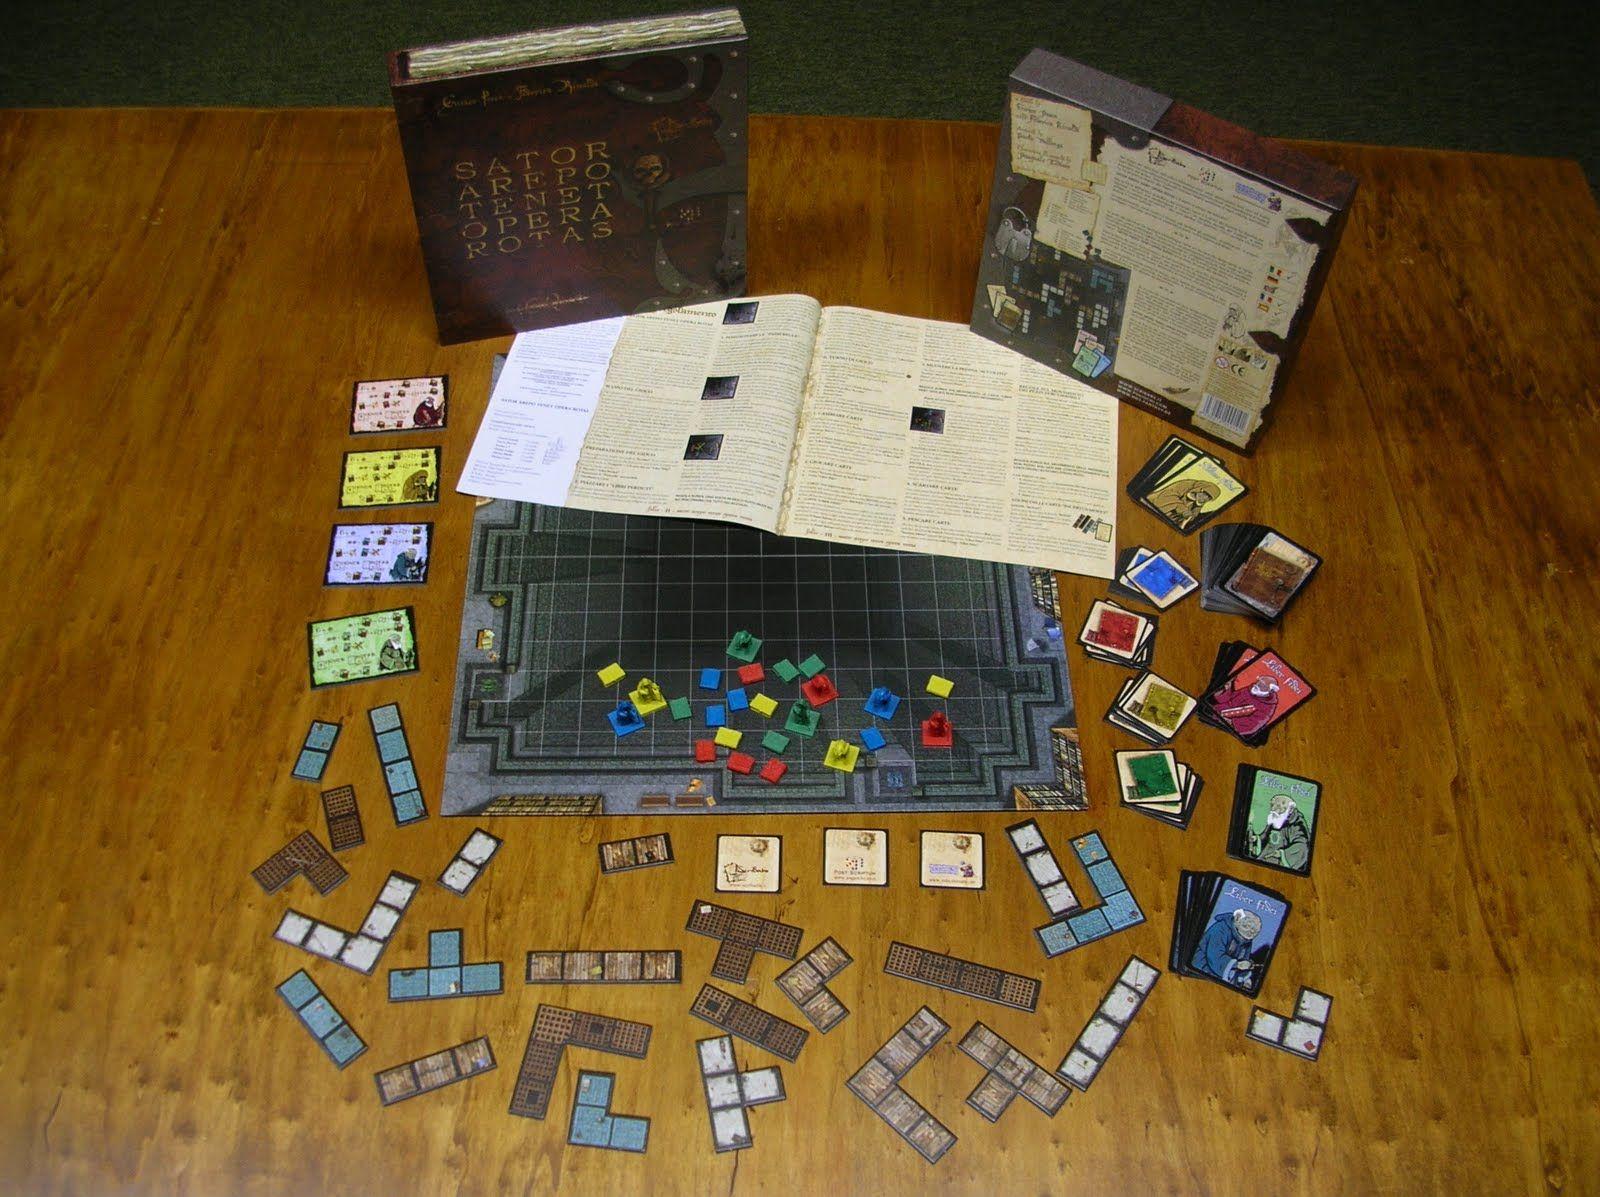 Juegos de Mesa Geeks: RESEÑA Y VIDEO - SATOR AREPO TENET OPERA ROTAS (2008)